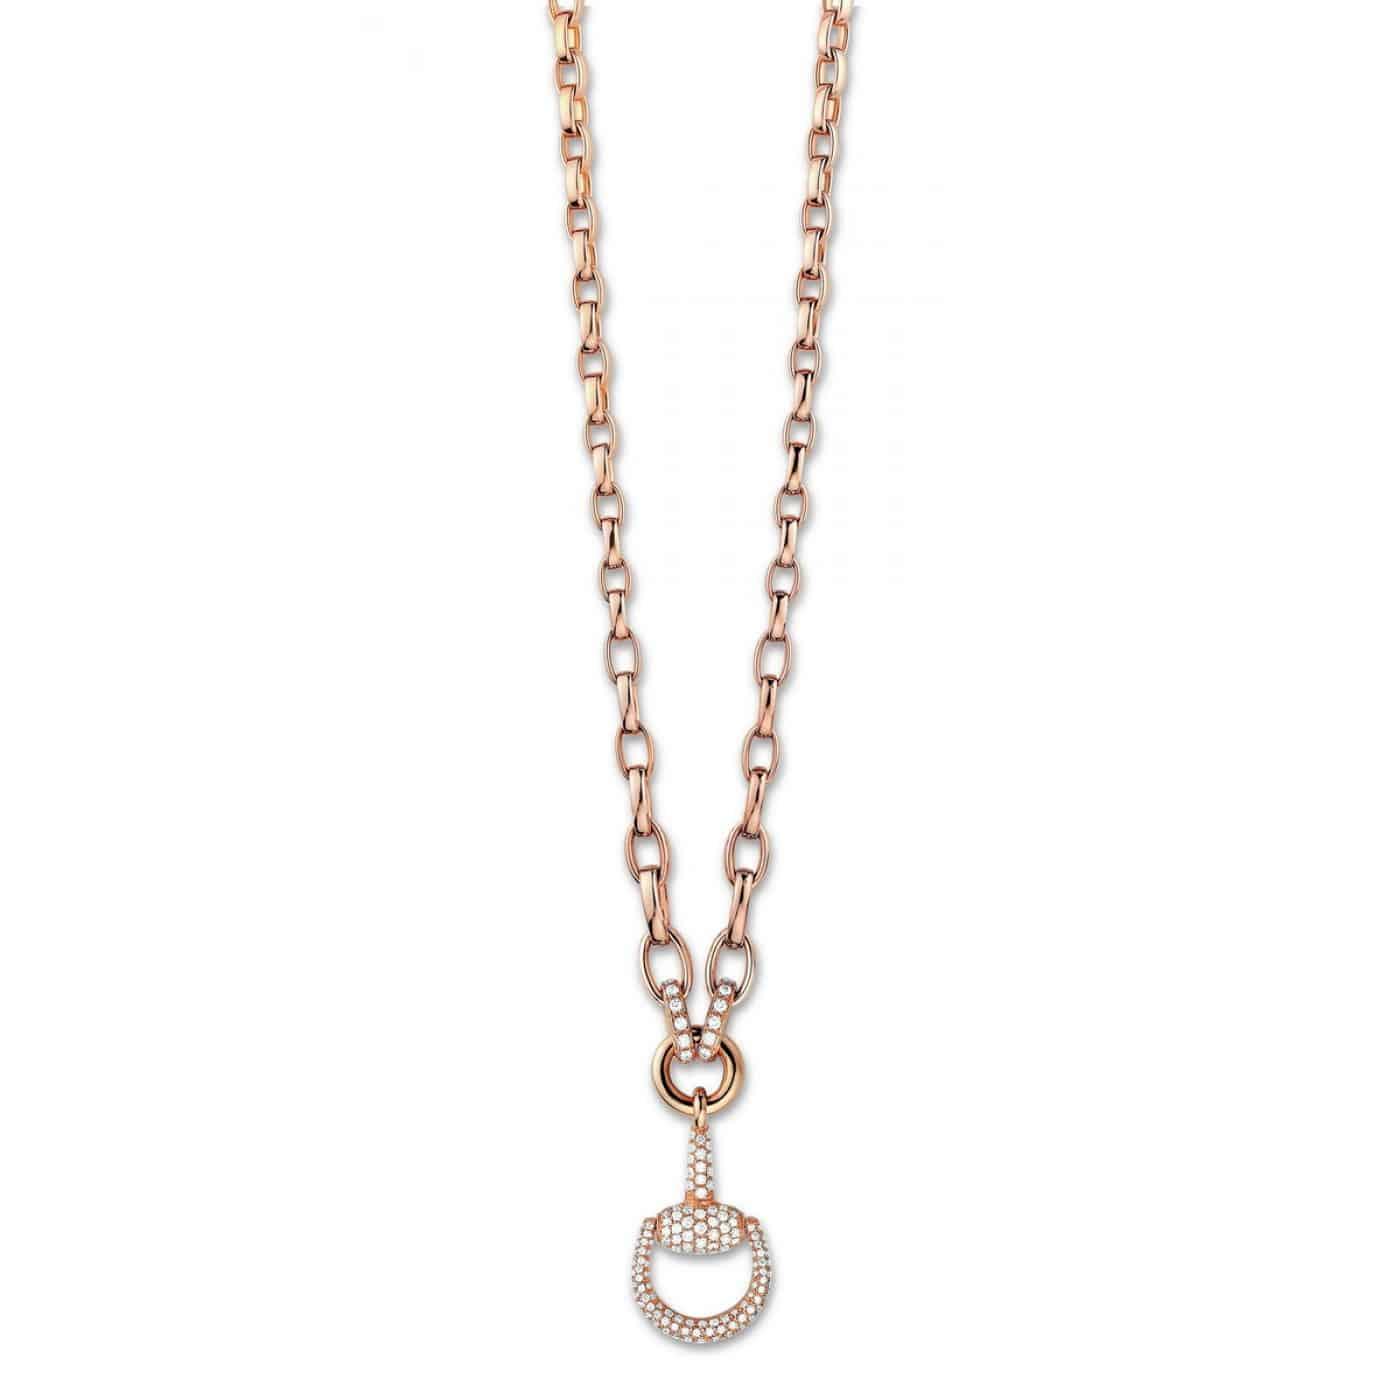 Gucci Horsebit Diamond Necklace